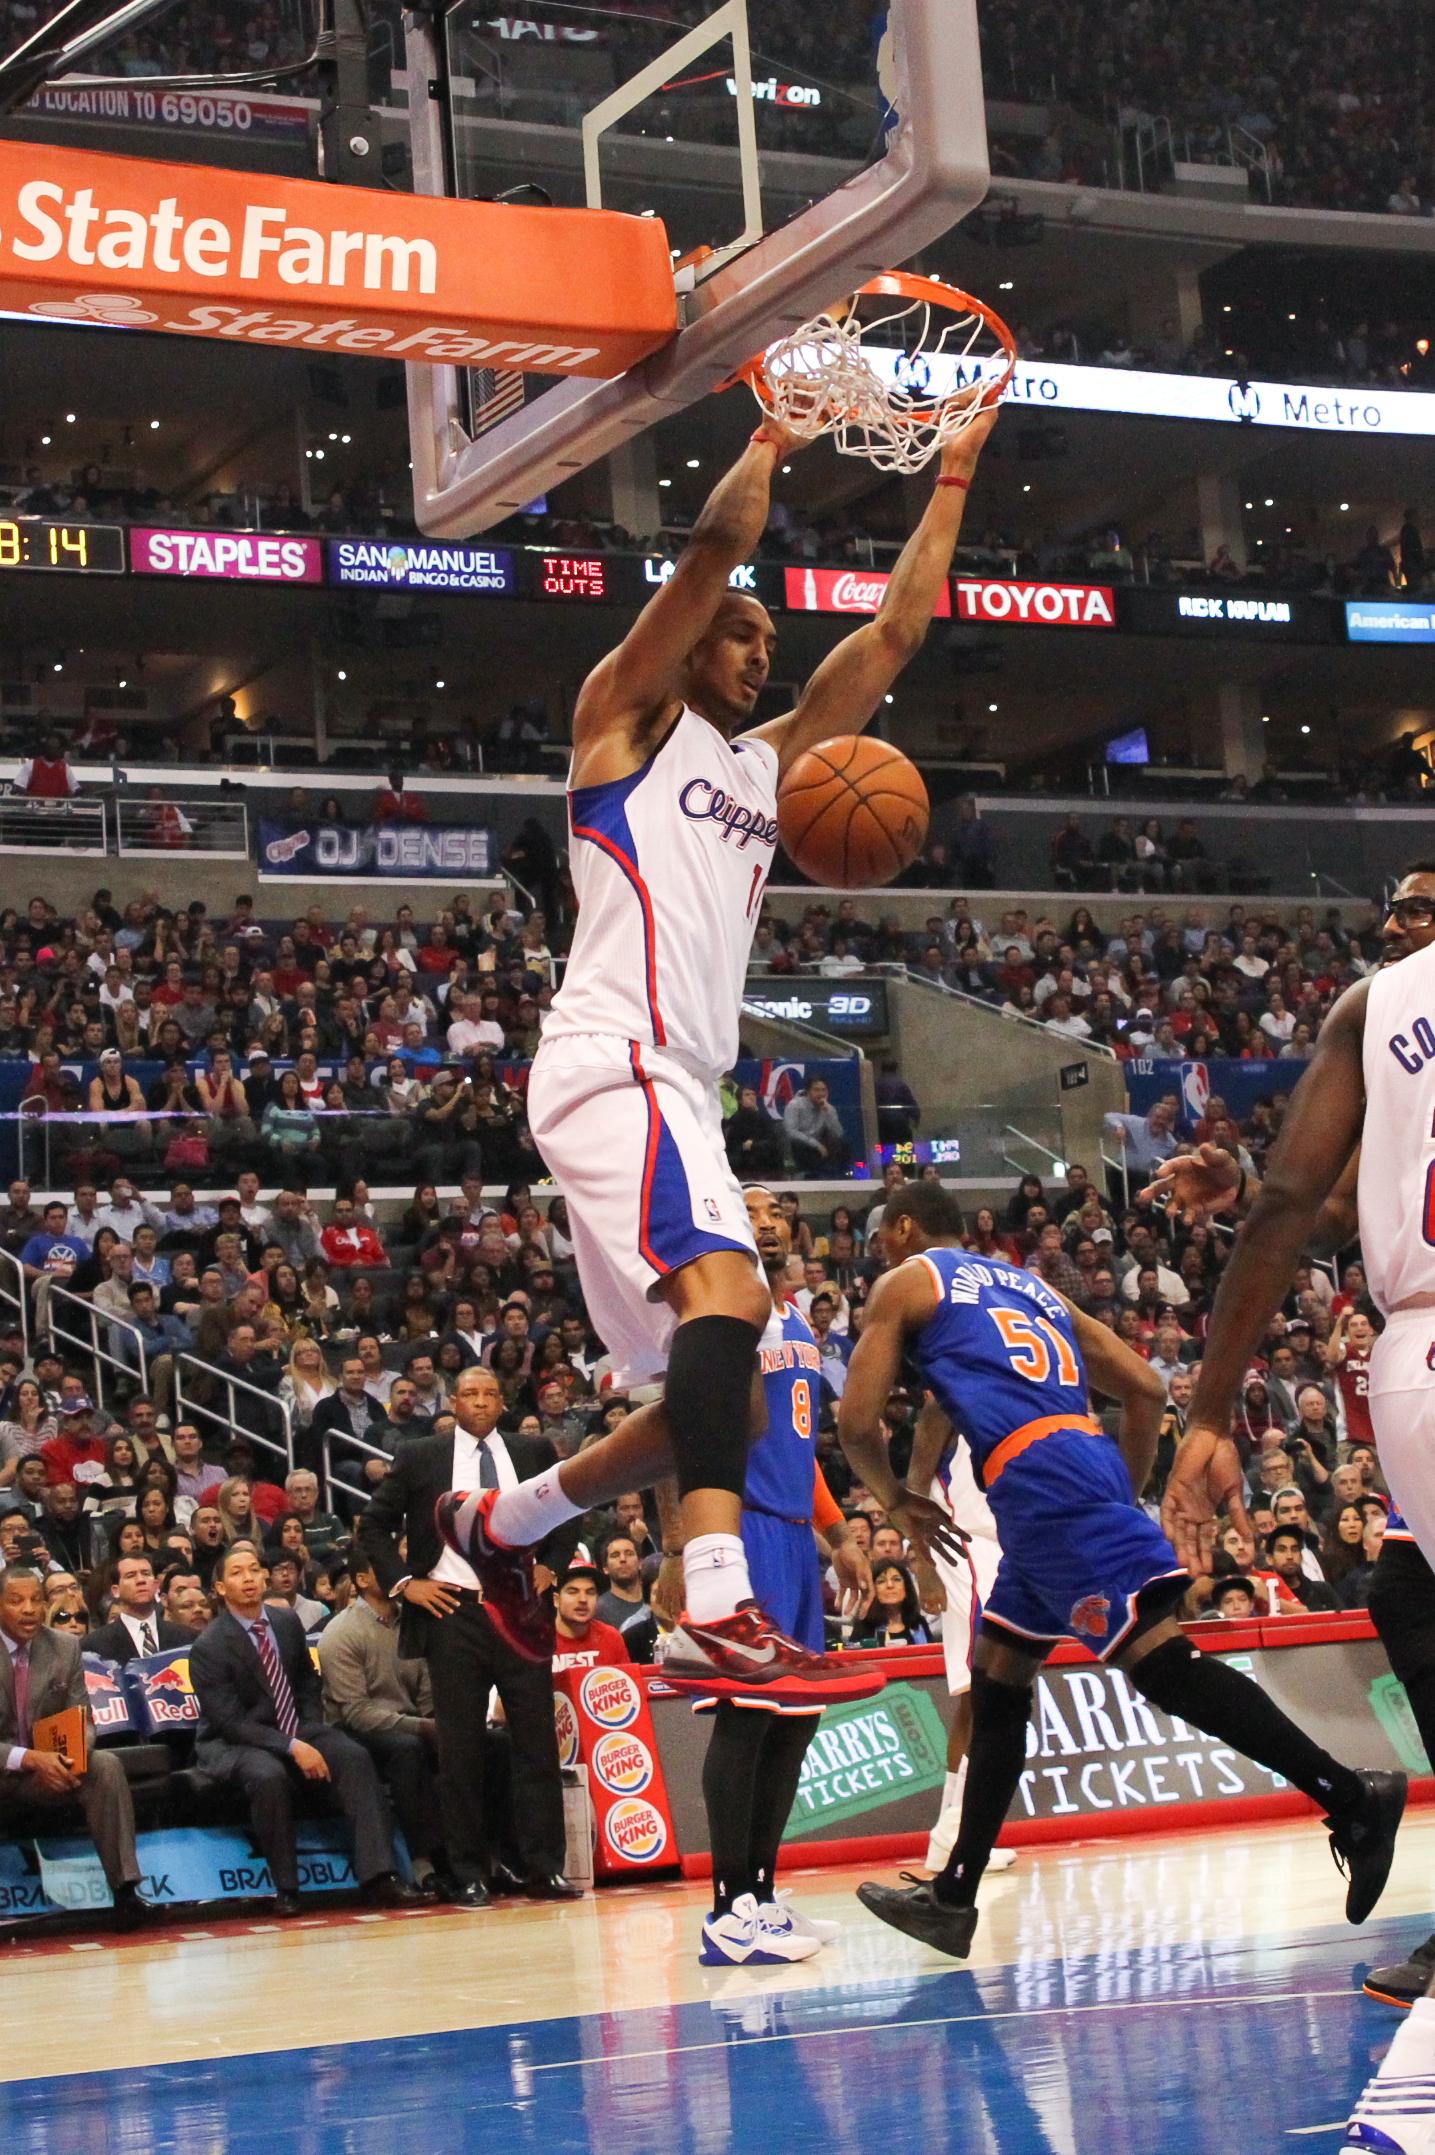 Photos by Varon P. Knicks-11.jpg